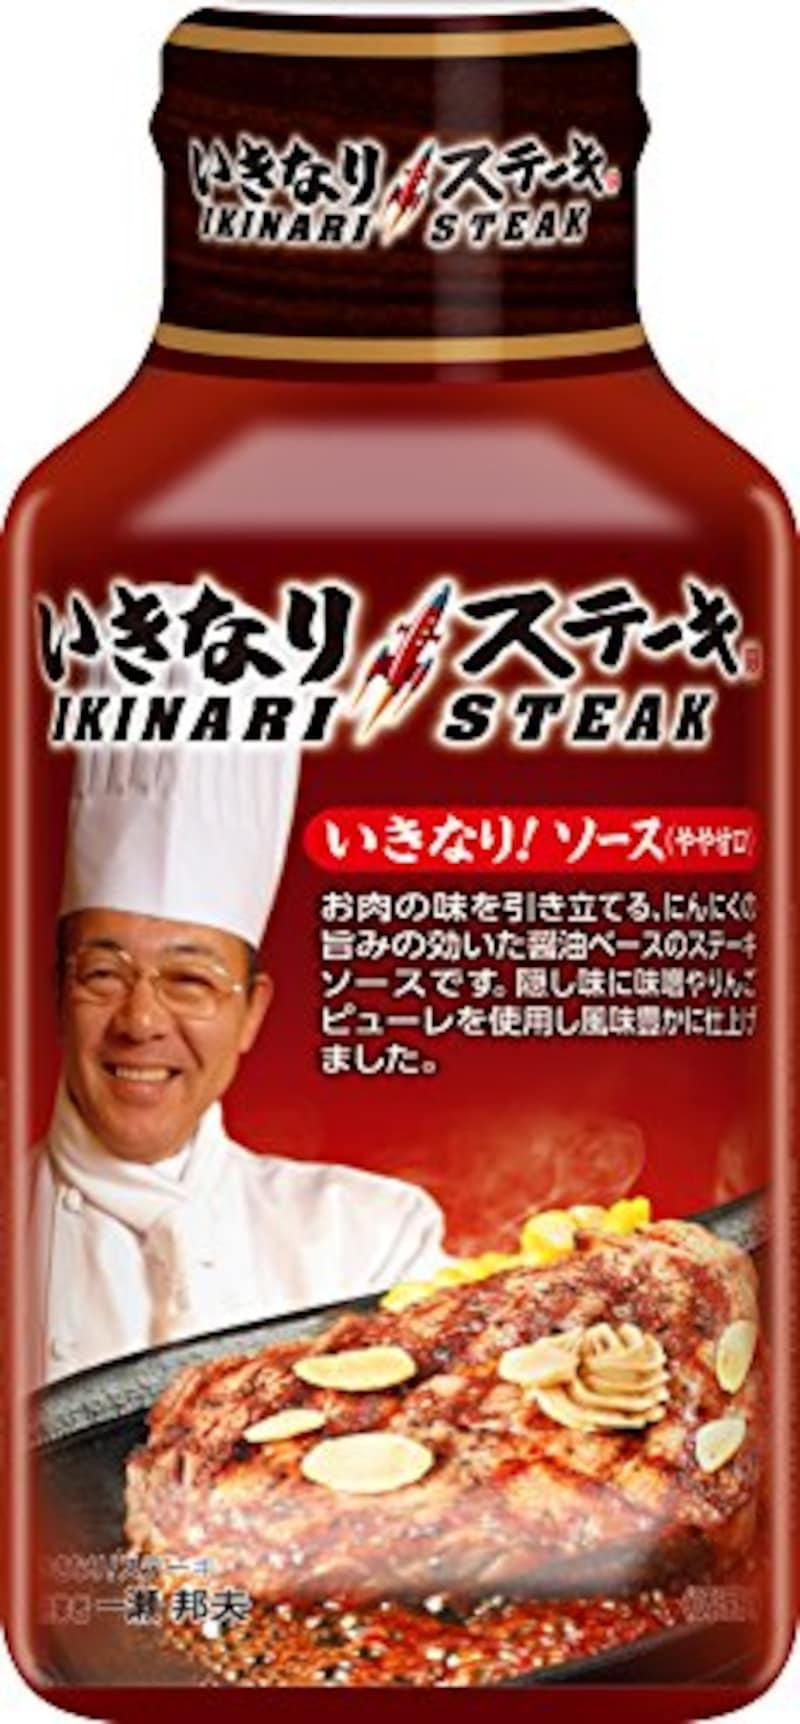 フードレーベル,いきなり!ステーキ いきなり!ソース